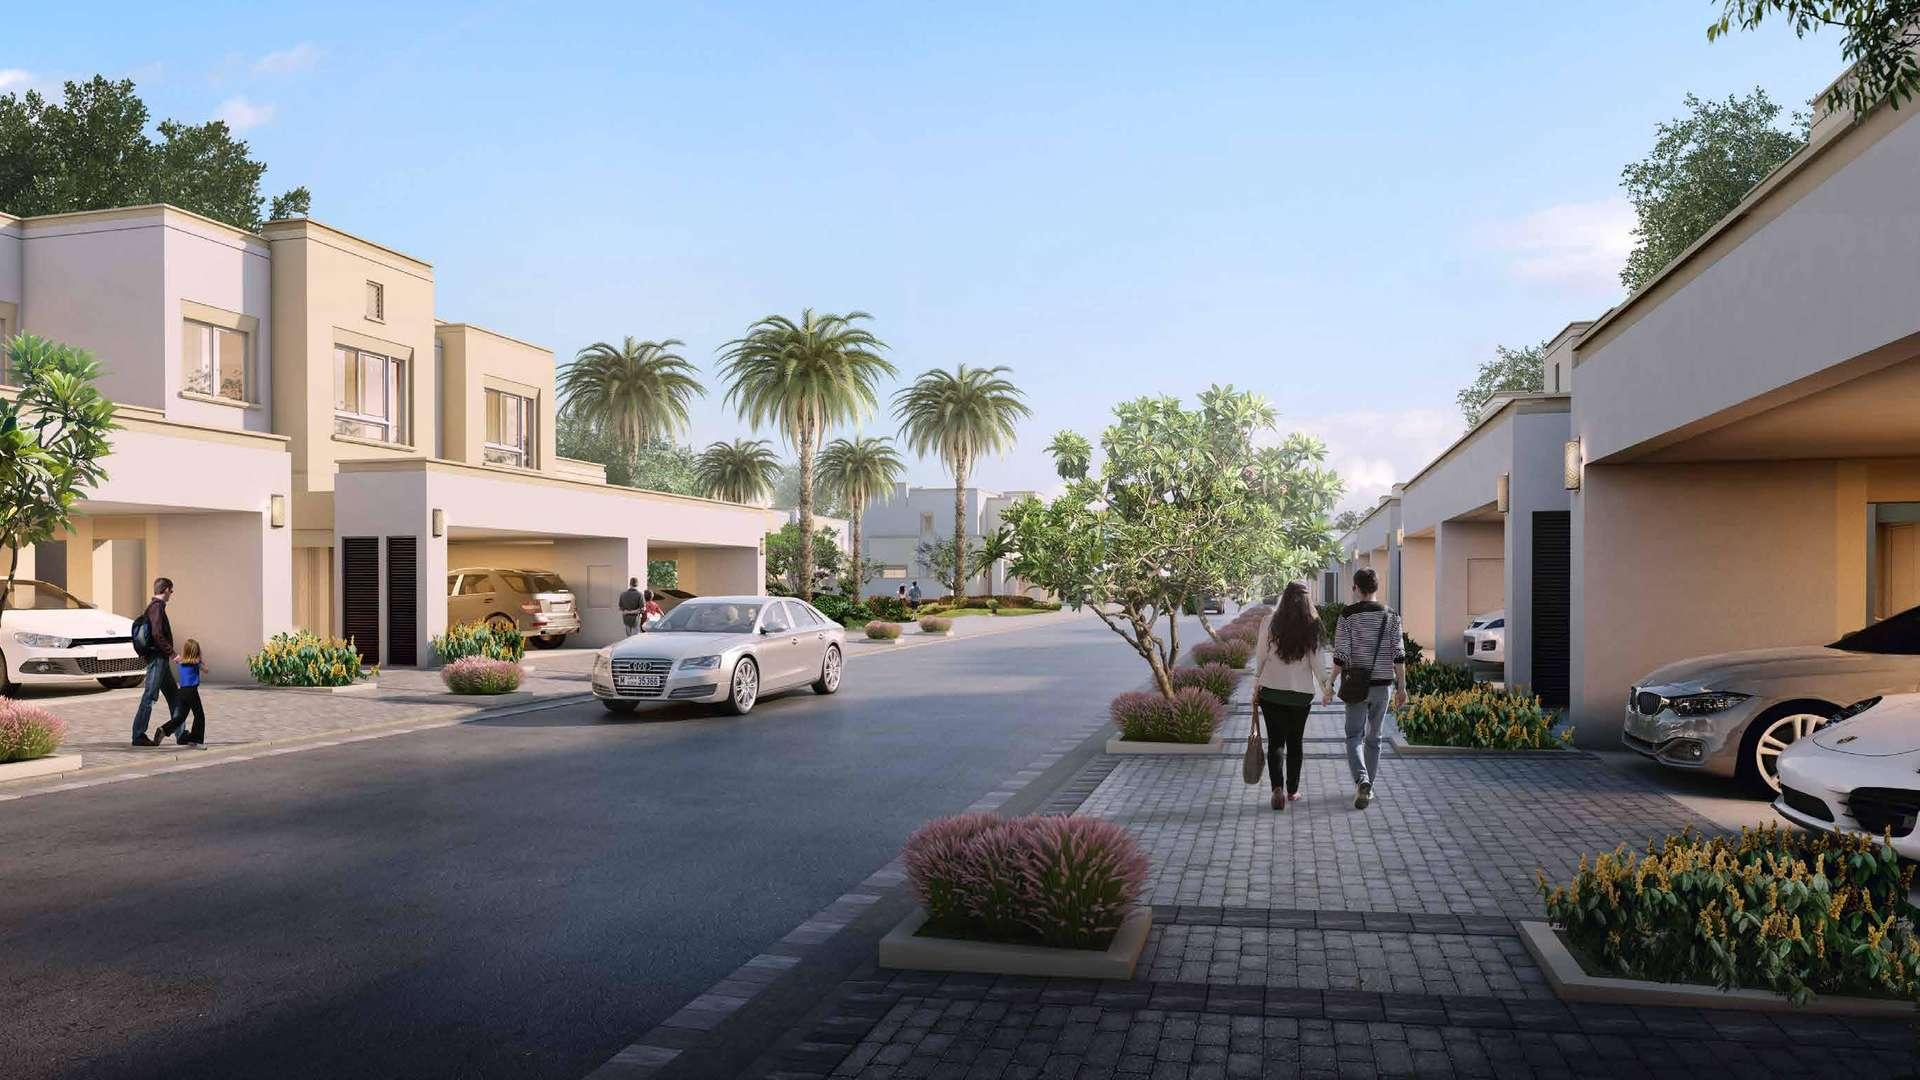 Adosado en venta en Dubai, EAU, 4 dormitorios, 320 m2, № 24022 – foto 2